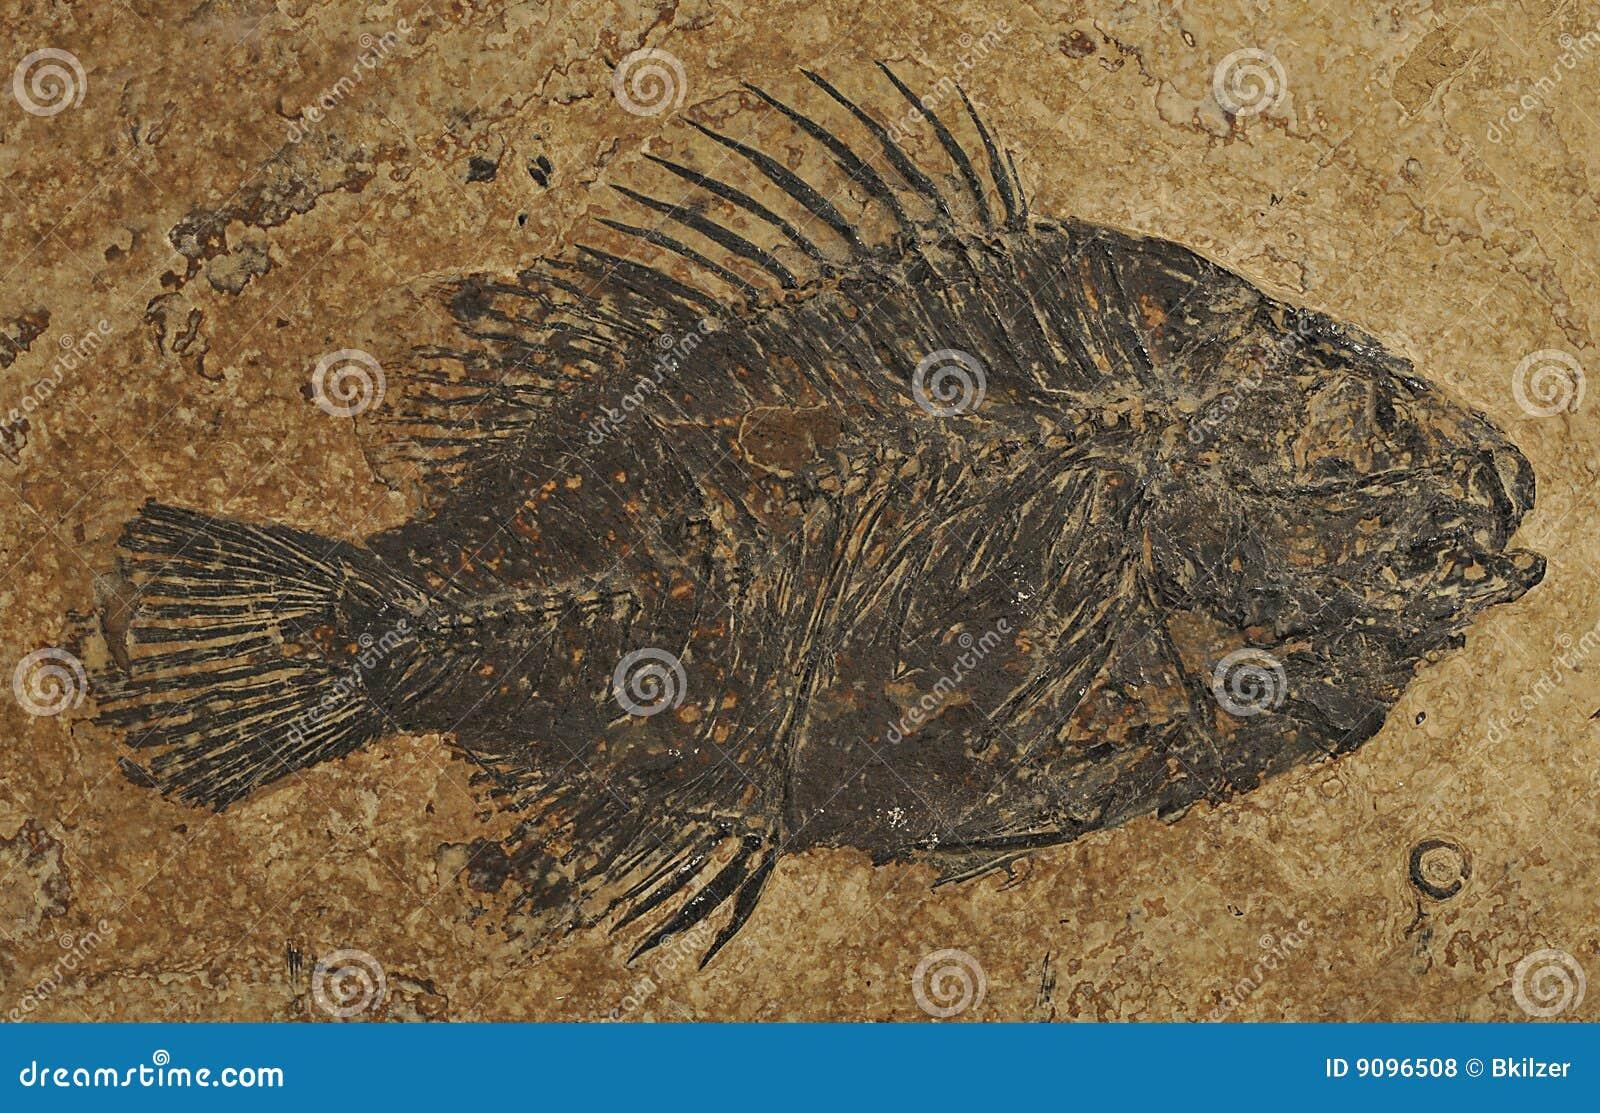 Versteinerte Fische - Priscacara